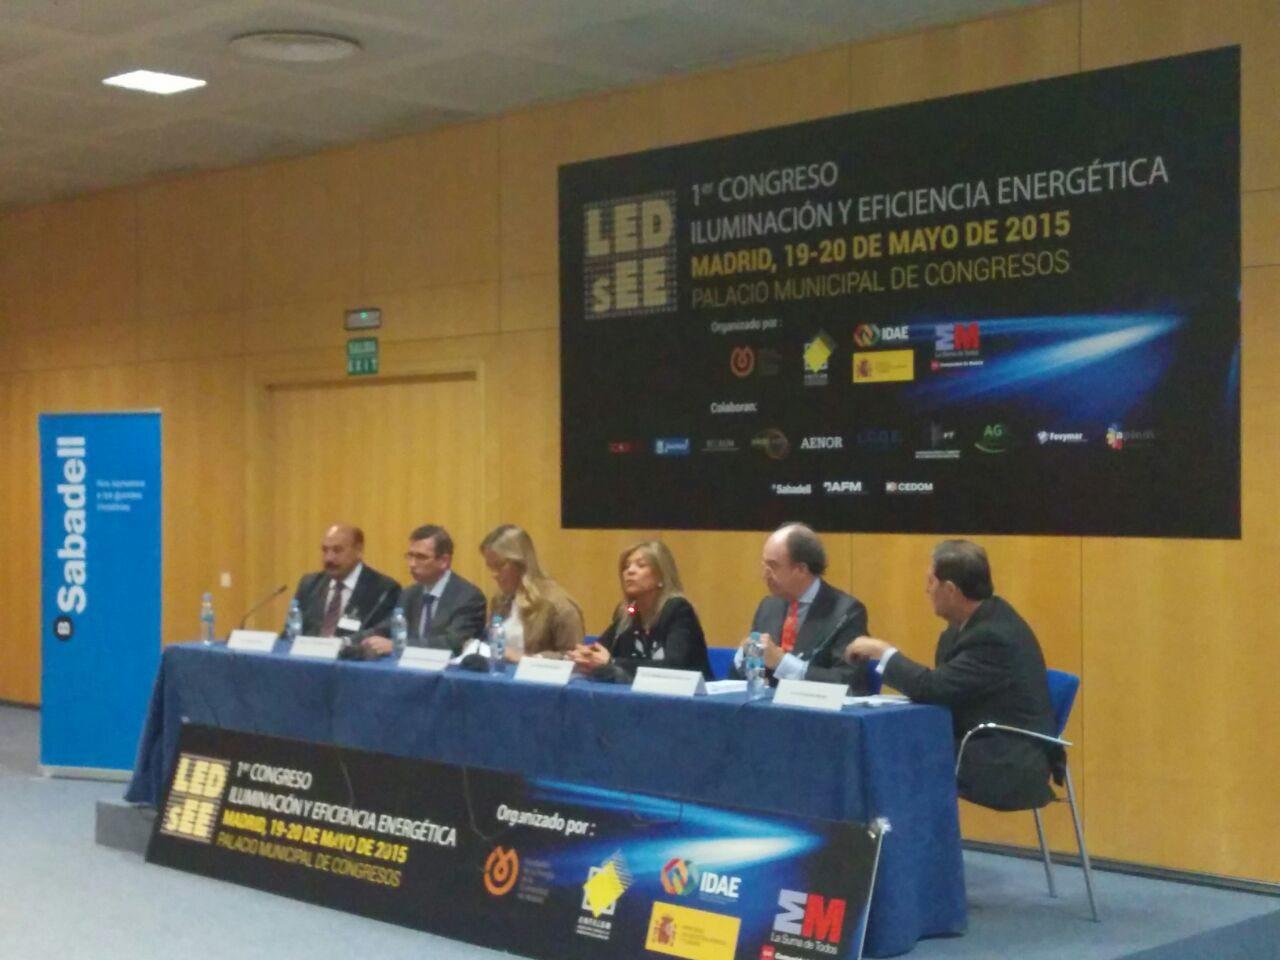 LEDSEE II y el Primer Congreso de la Iluminación y la Eficiencia Energética, citas irrenunciables para el sector